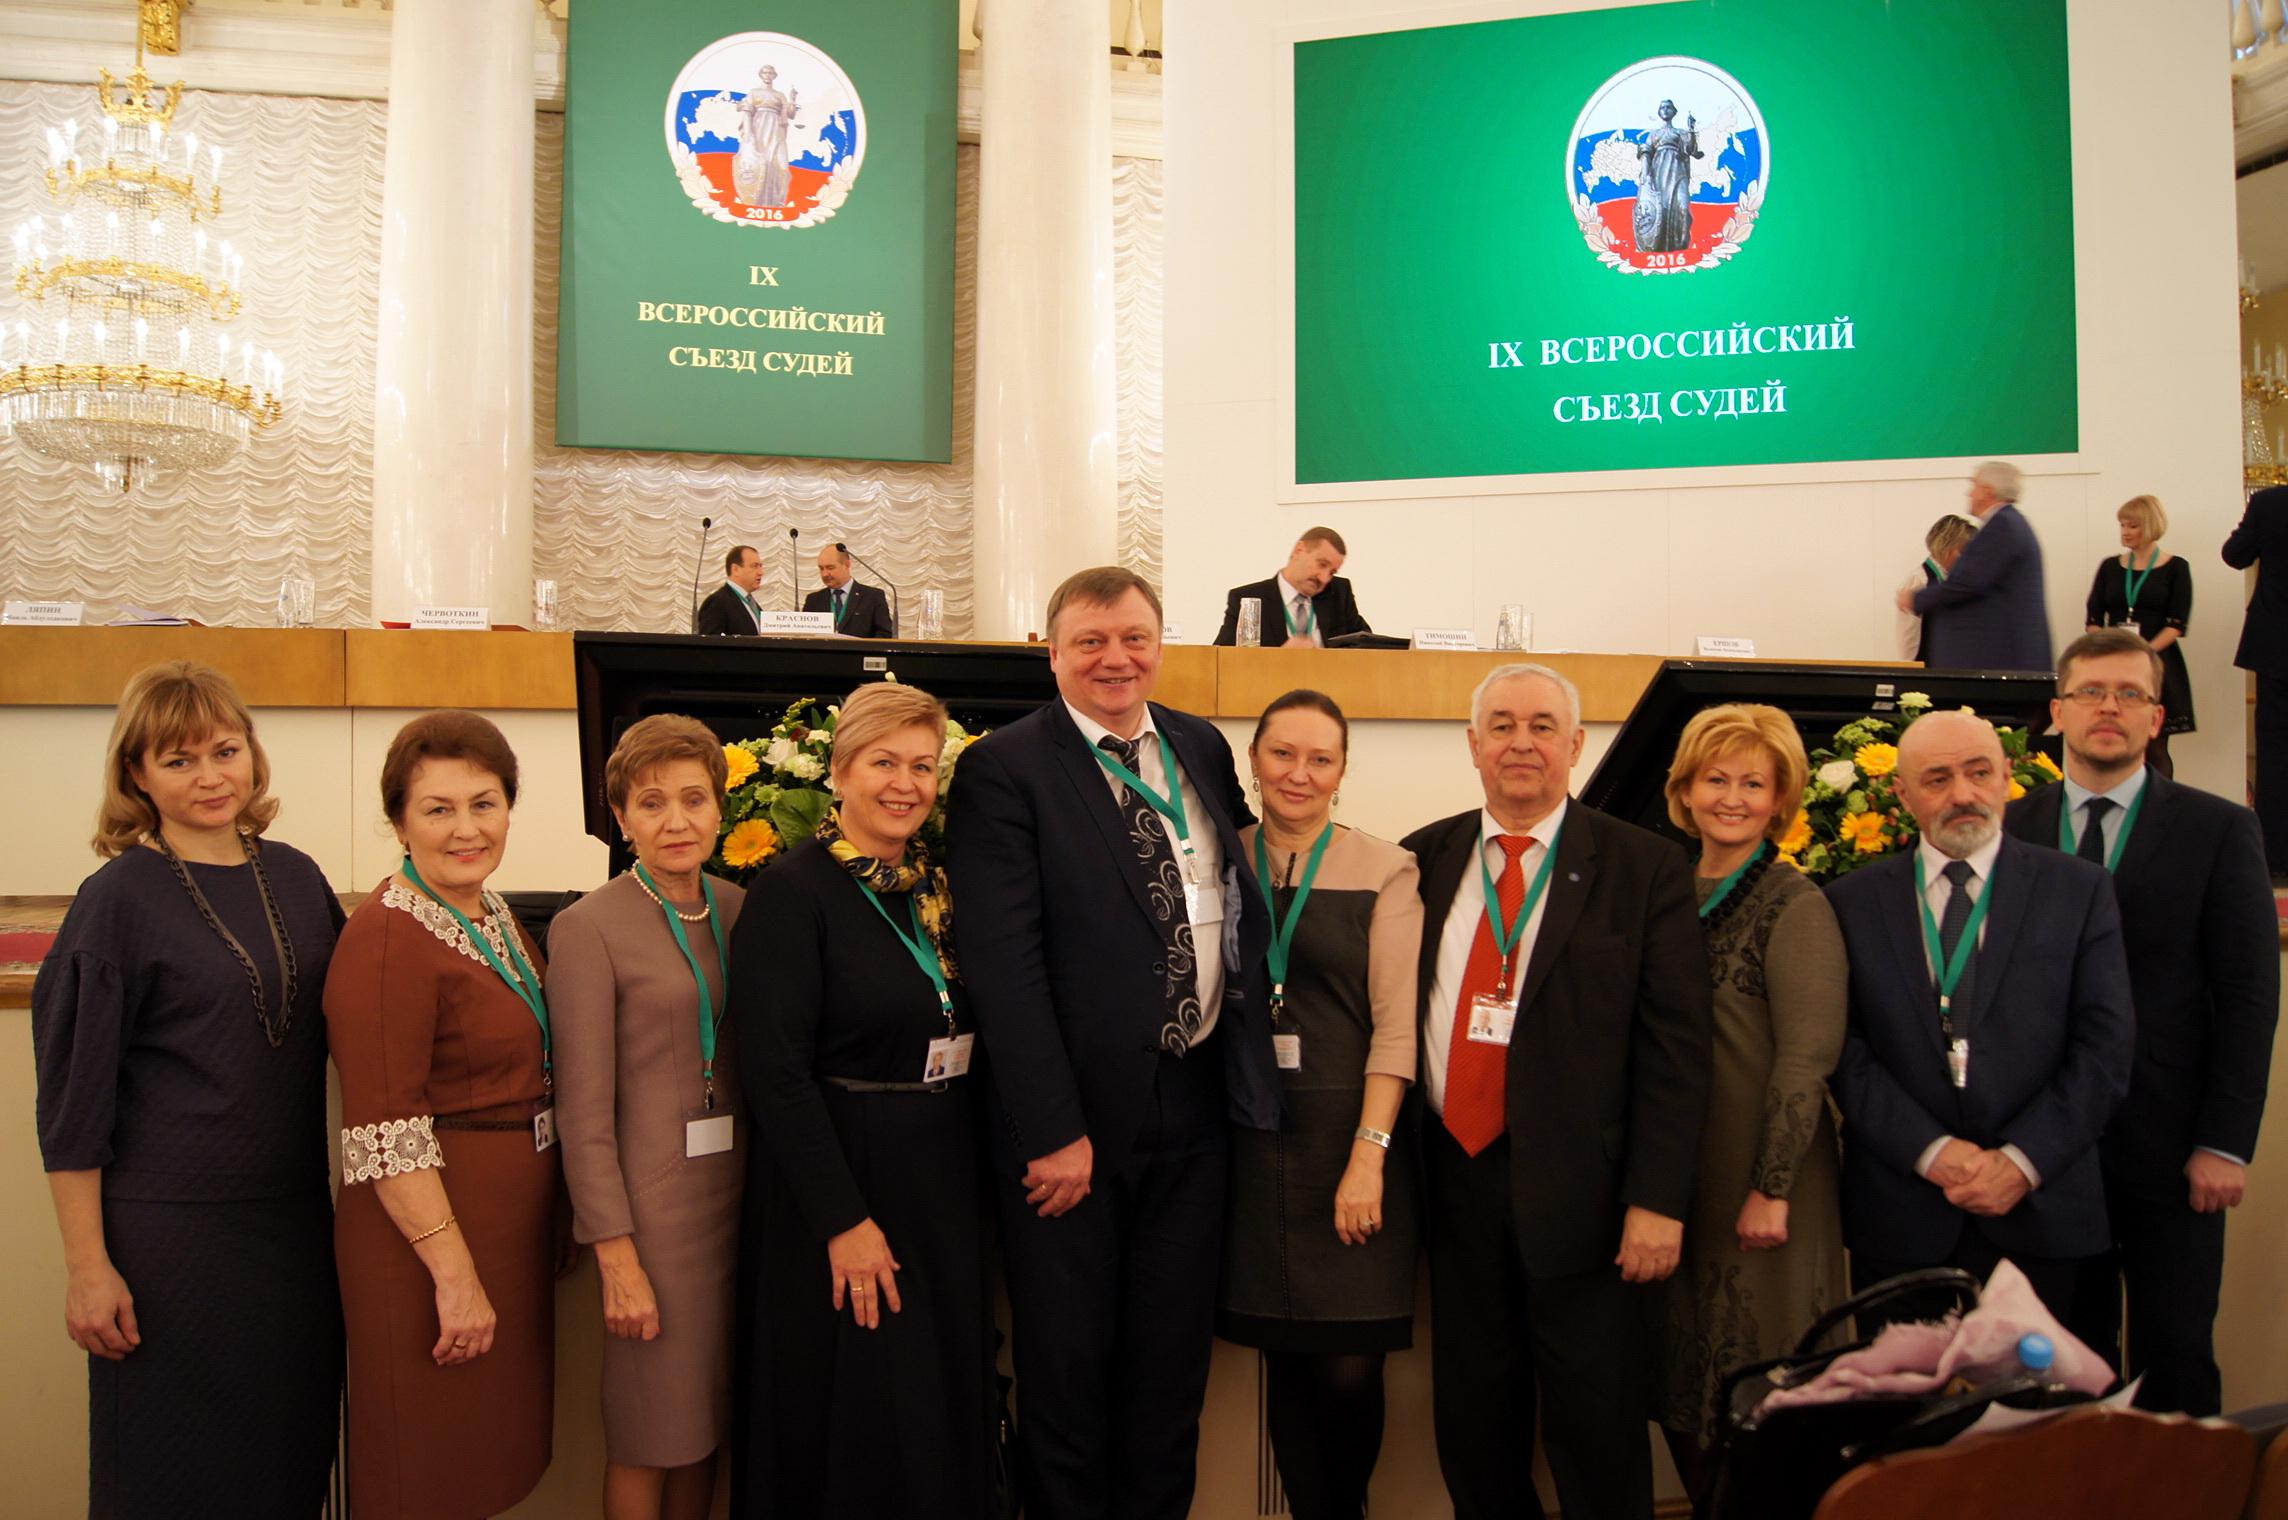 Фотогалерея от 15012013 - viii всероссийский съезд судей (москва, колонный зал дома союзов, 17-19 декабря 2012 года)